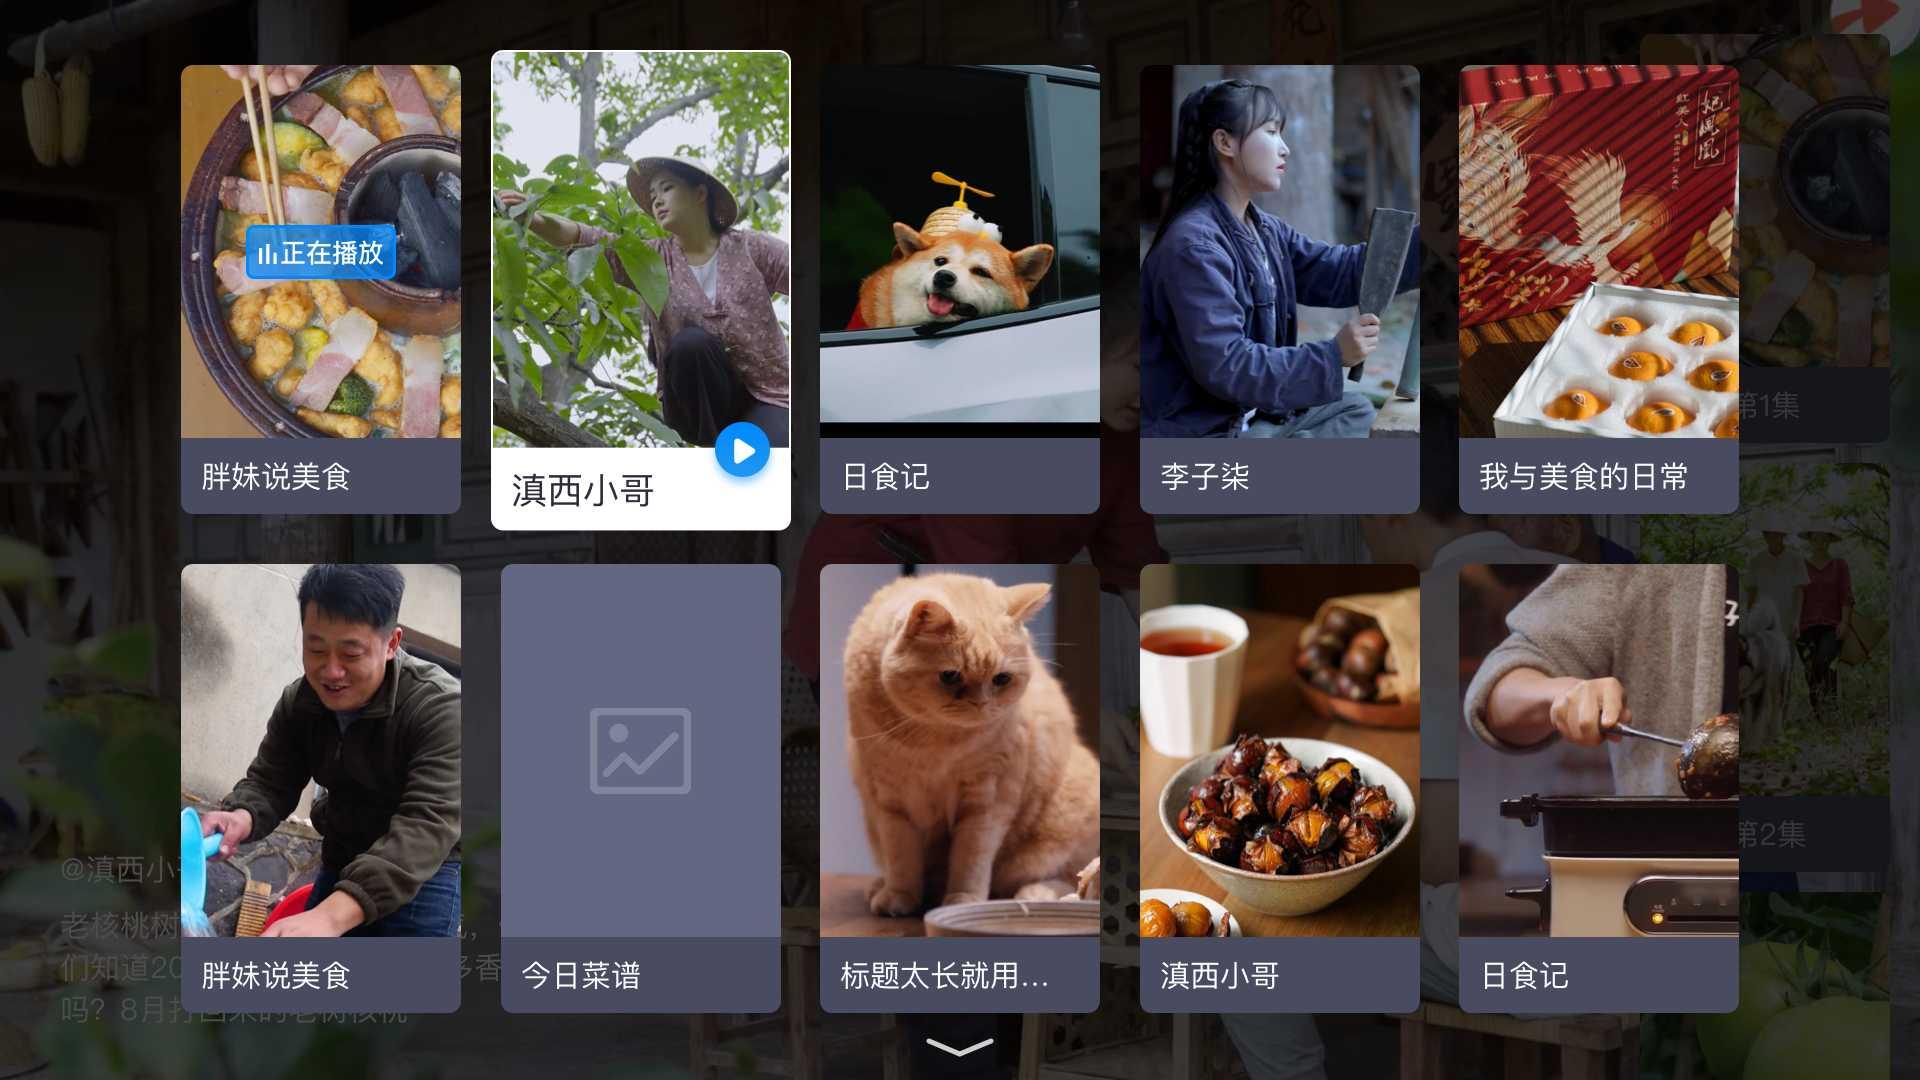 电视家tv版apk安装包 V3.0 安卓电视版截图3